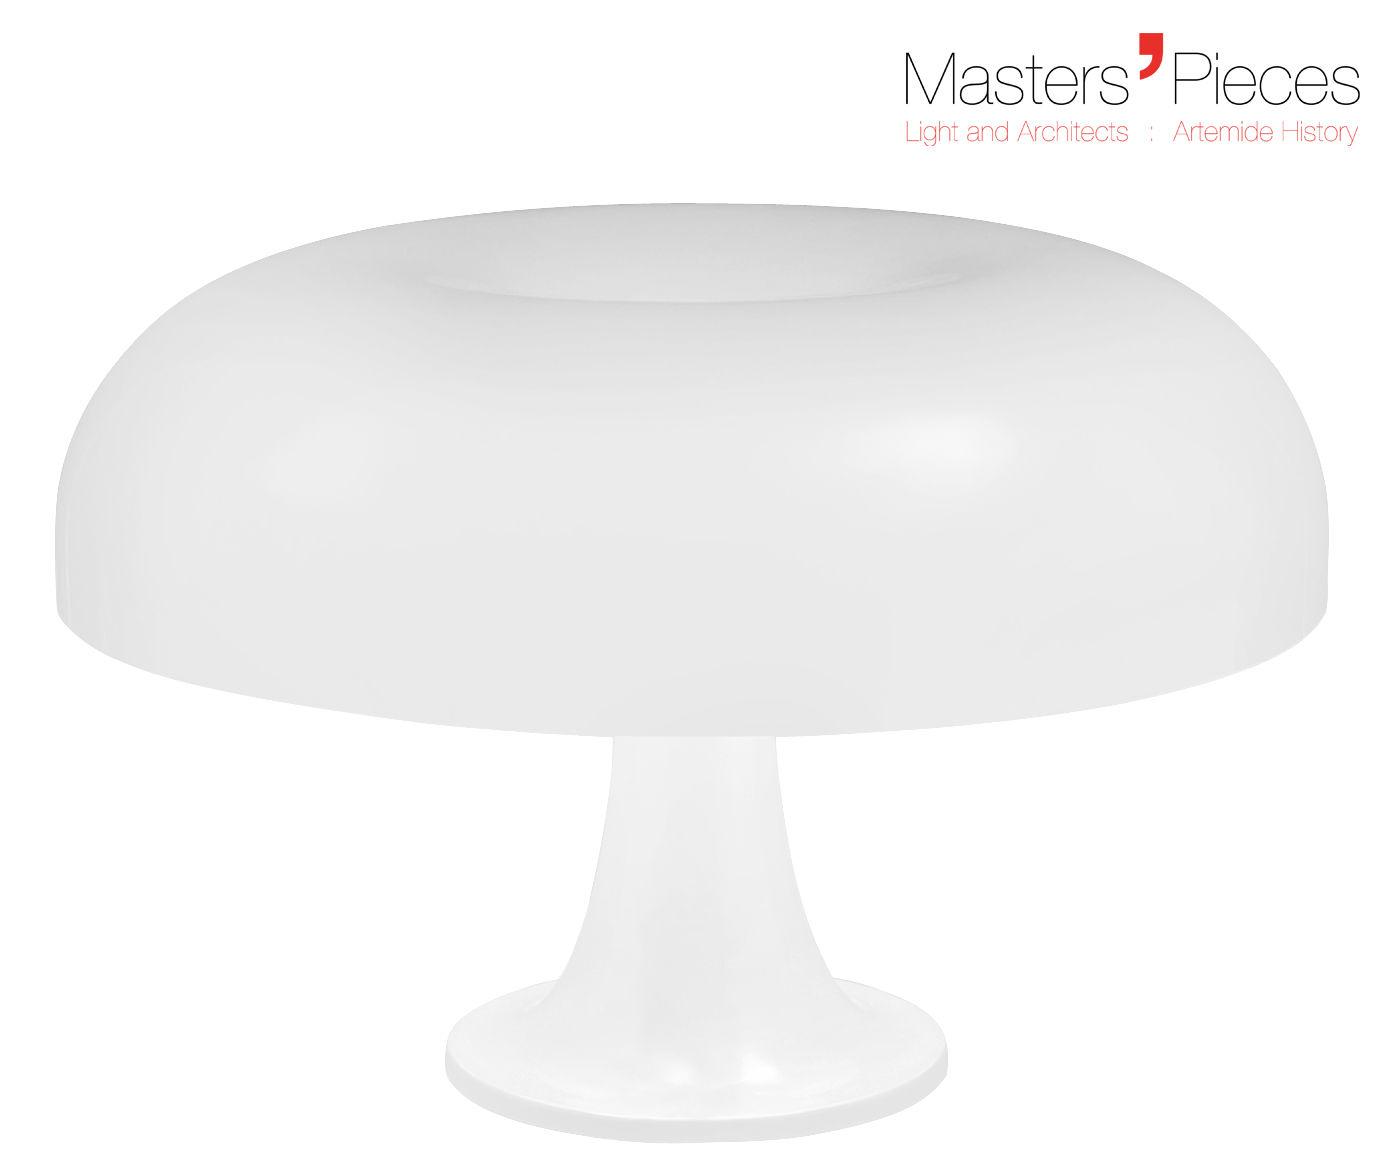 Luminaire - Lampes de table - Lampe de table Masters' Pieces - Nesso / 1967 - Ø 54 cm - Artemide - Blanc - ABS